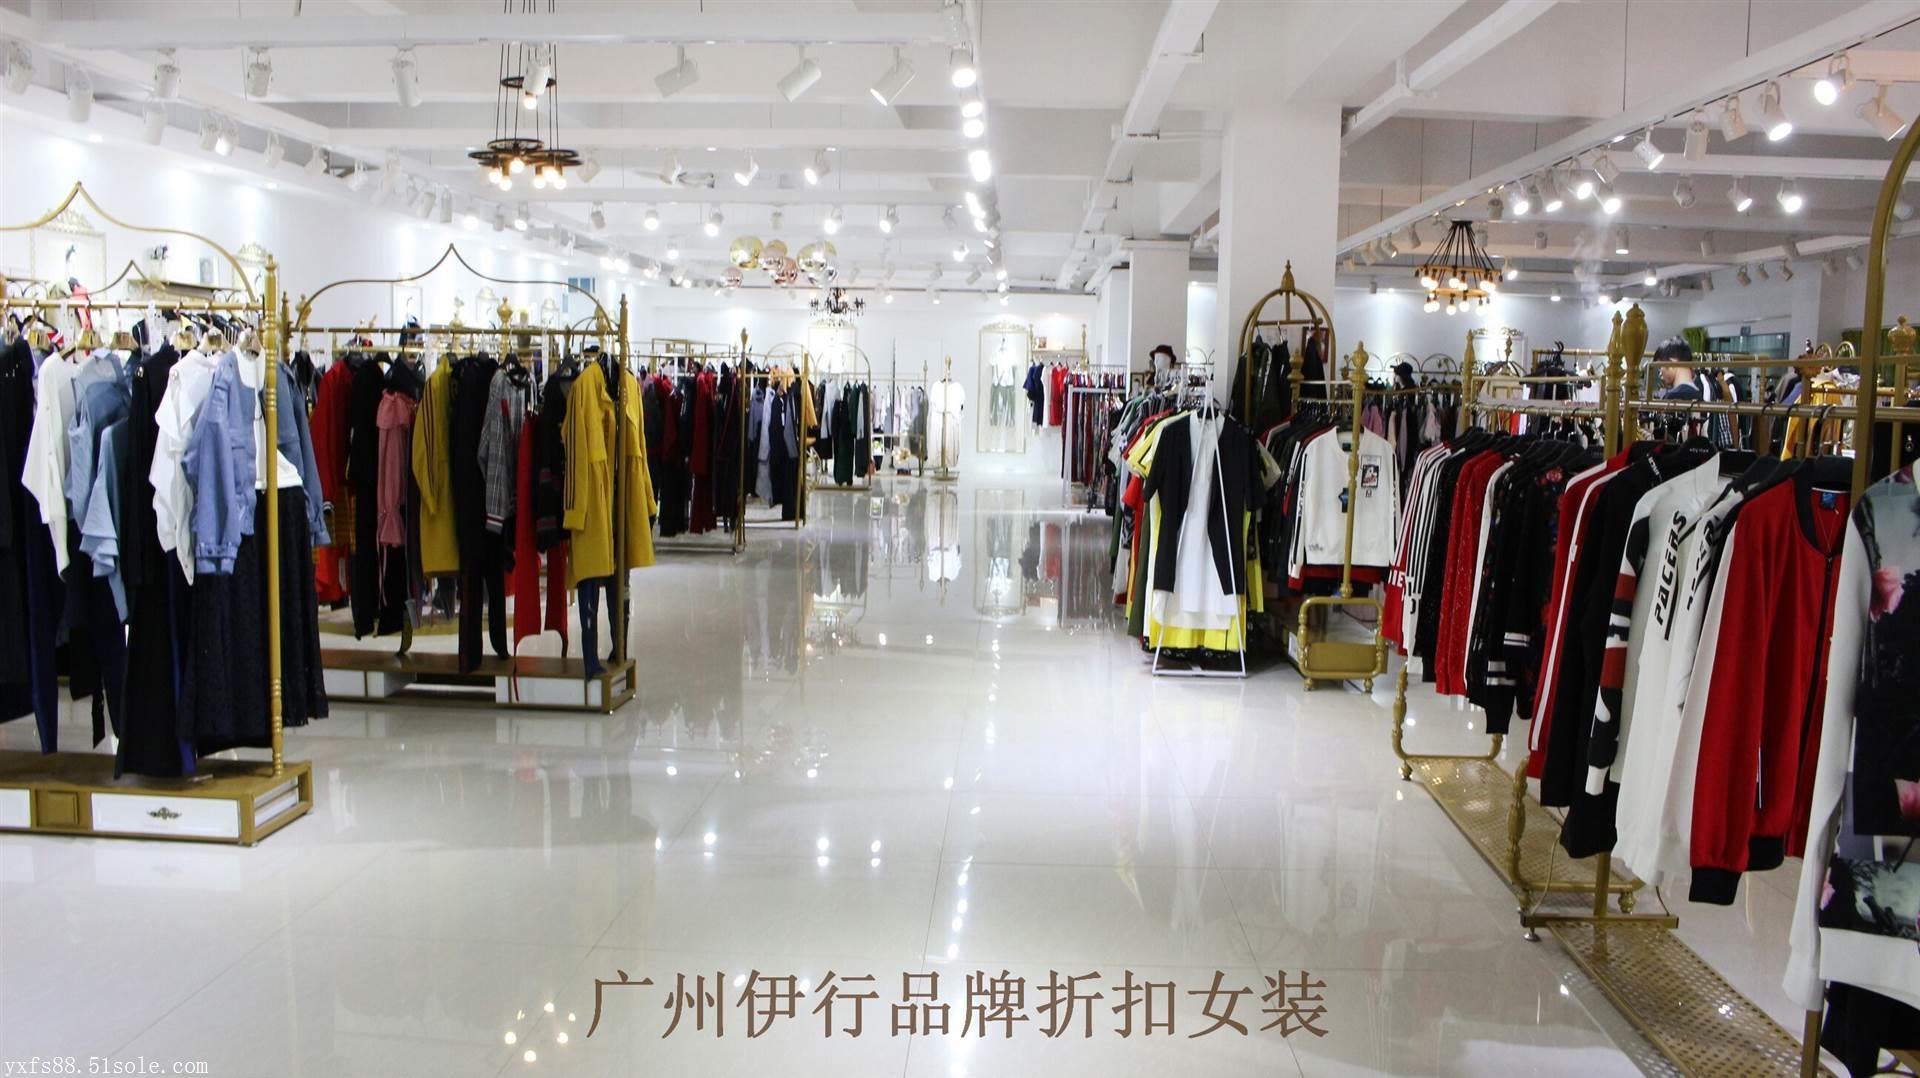 杉杉女装折扣_经营一家服装店,技巧和管理非常重要,店主们可以多学习平时女装折扣